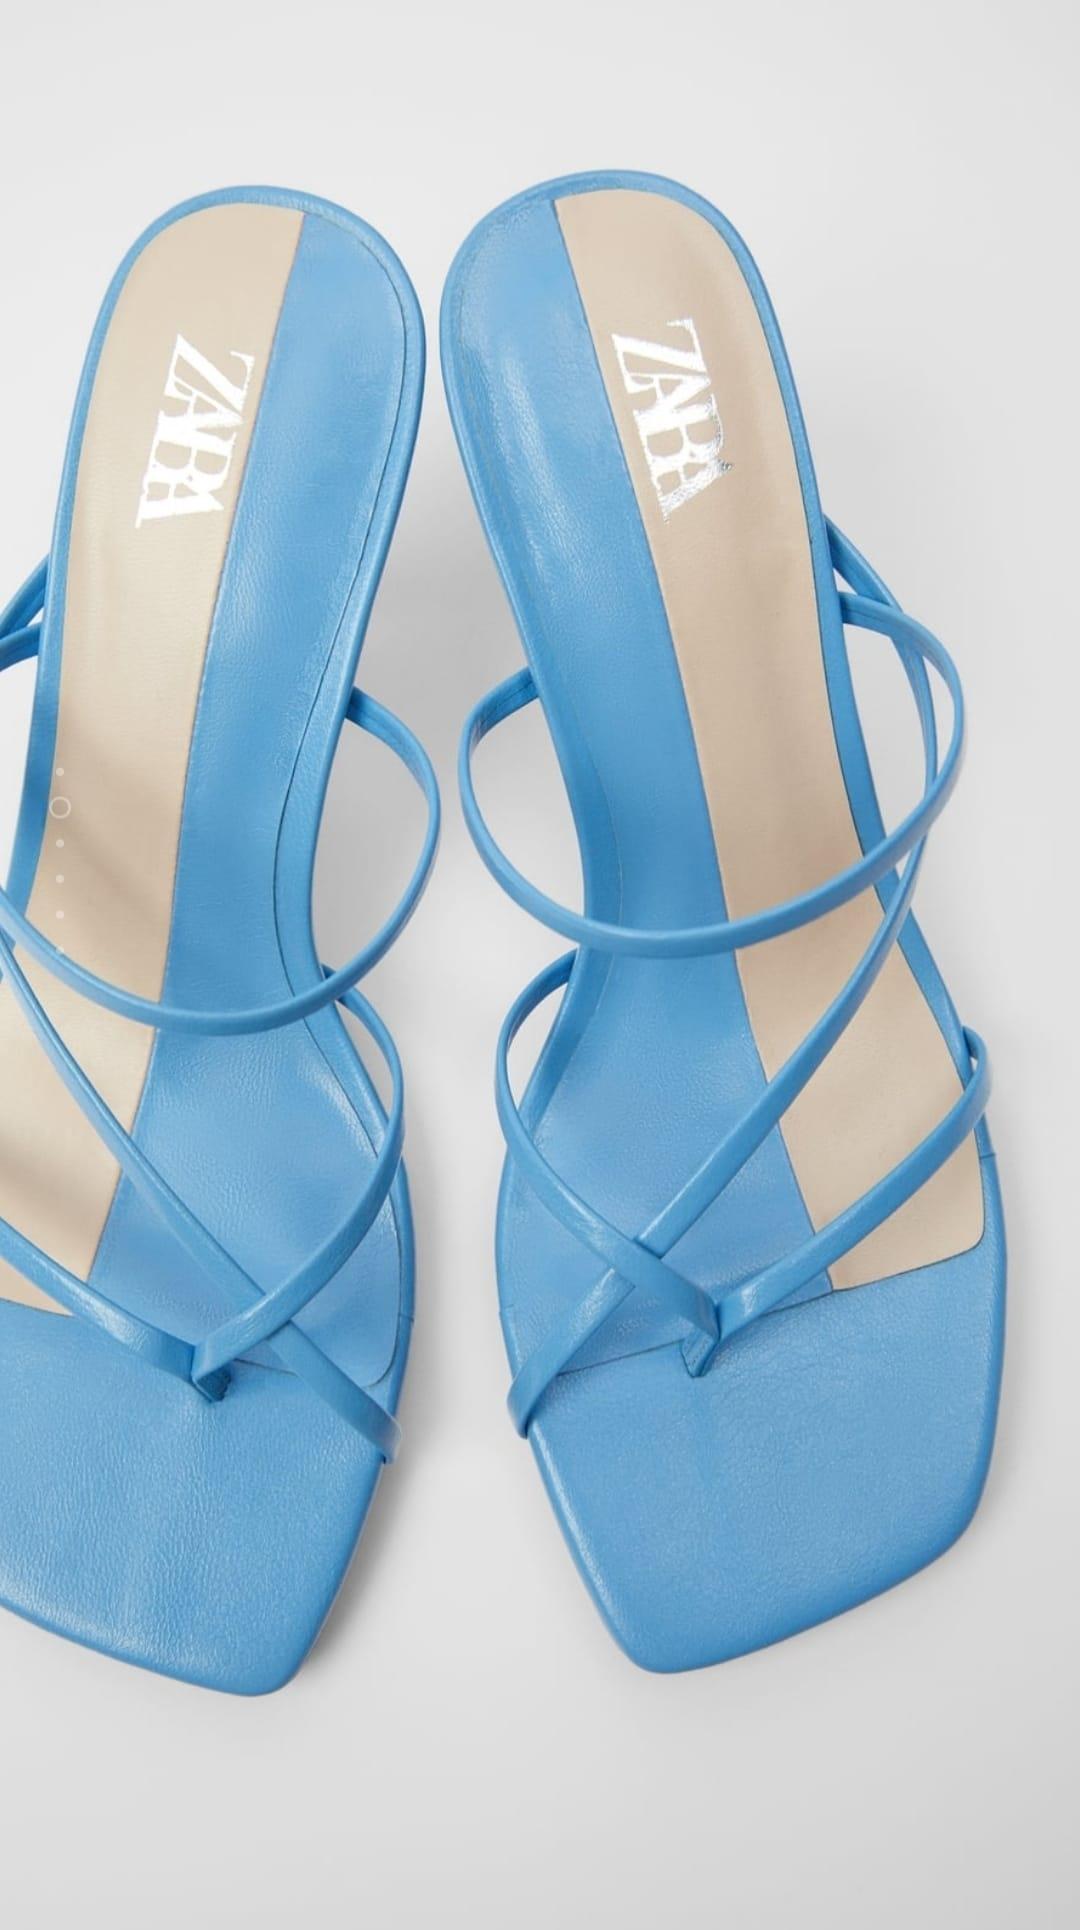 Sandalia tacón azul tiras finas entrelazadas en la parte delantera con posición para el dedo y acabada en punta cuadrada